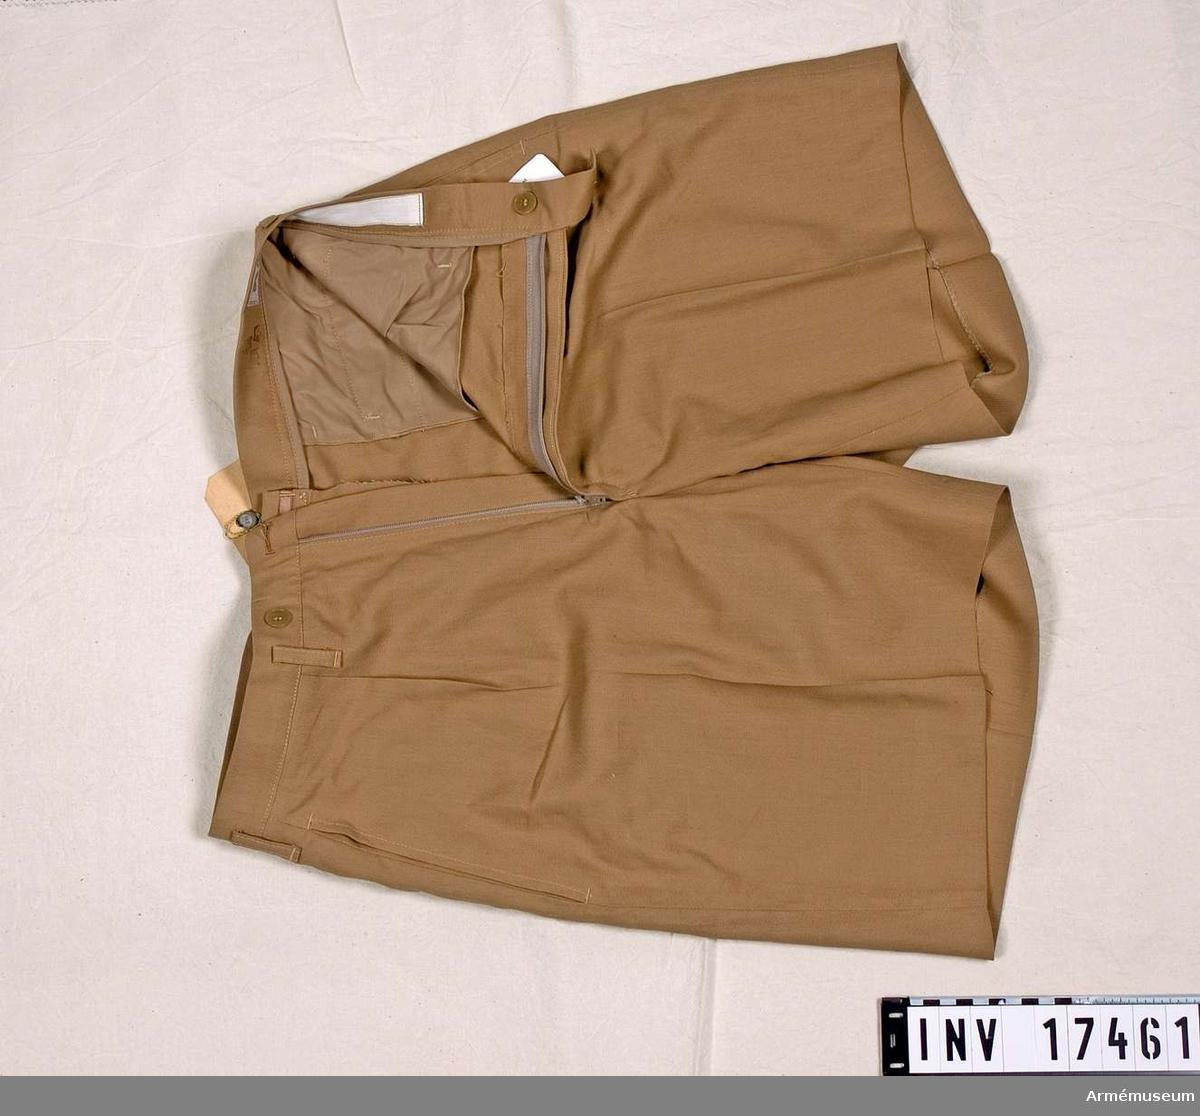 Grupp C I.  Ur tropikuniform m/1961 bestående av skjorta, skjorts, kravatt, livrem, strumpor, skor och basker.